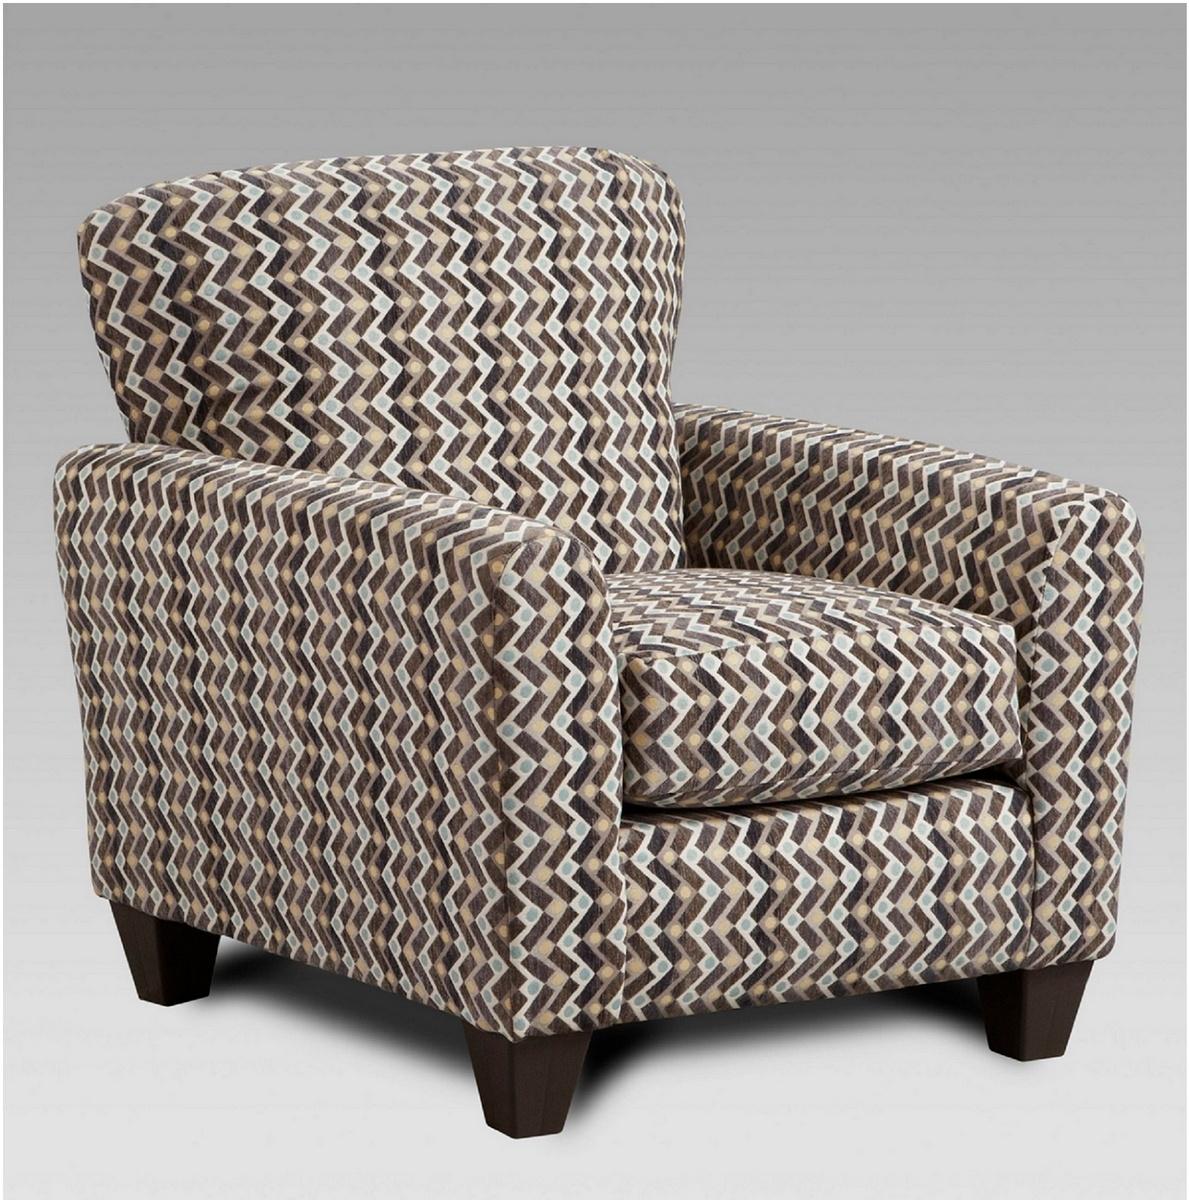 Adair Chair - Chelsea Home Furniture 199001-C-PA